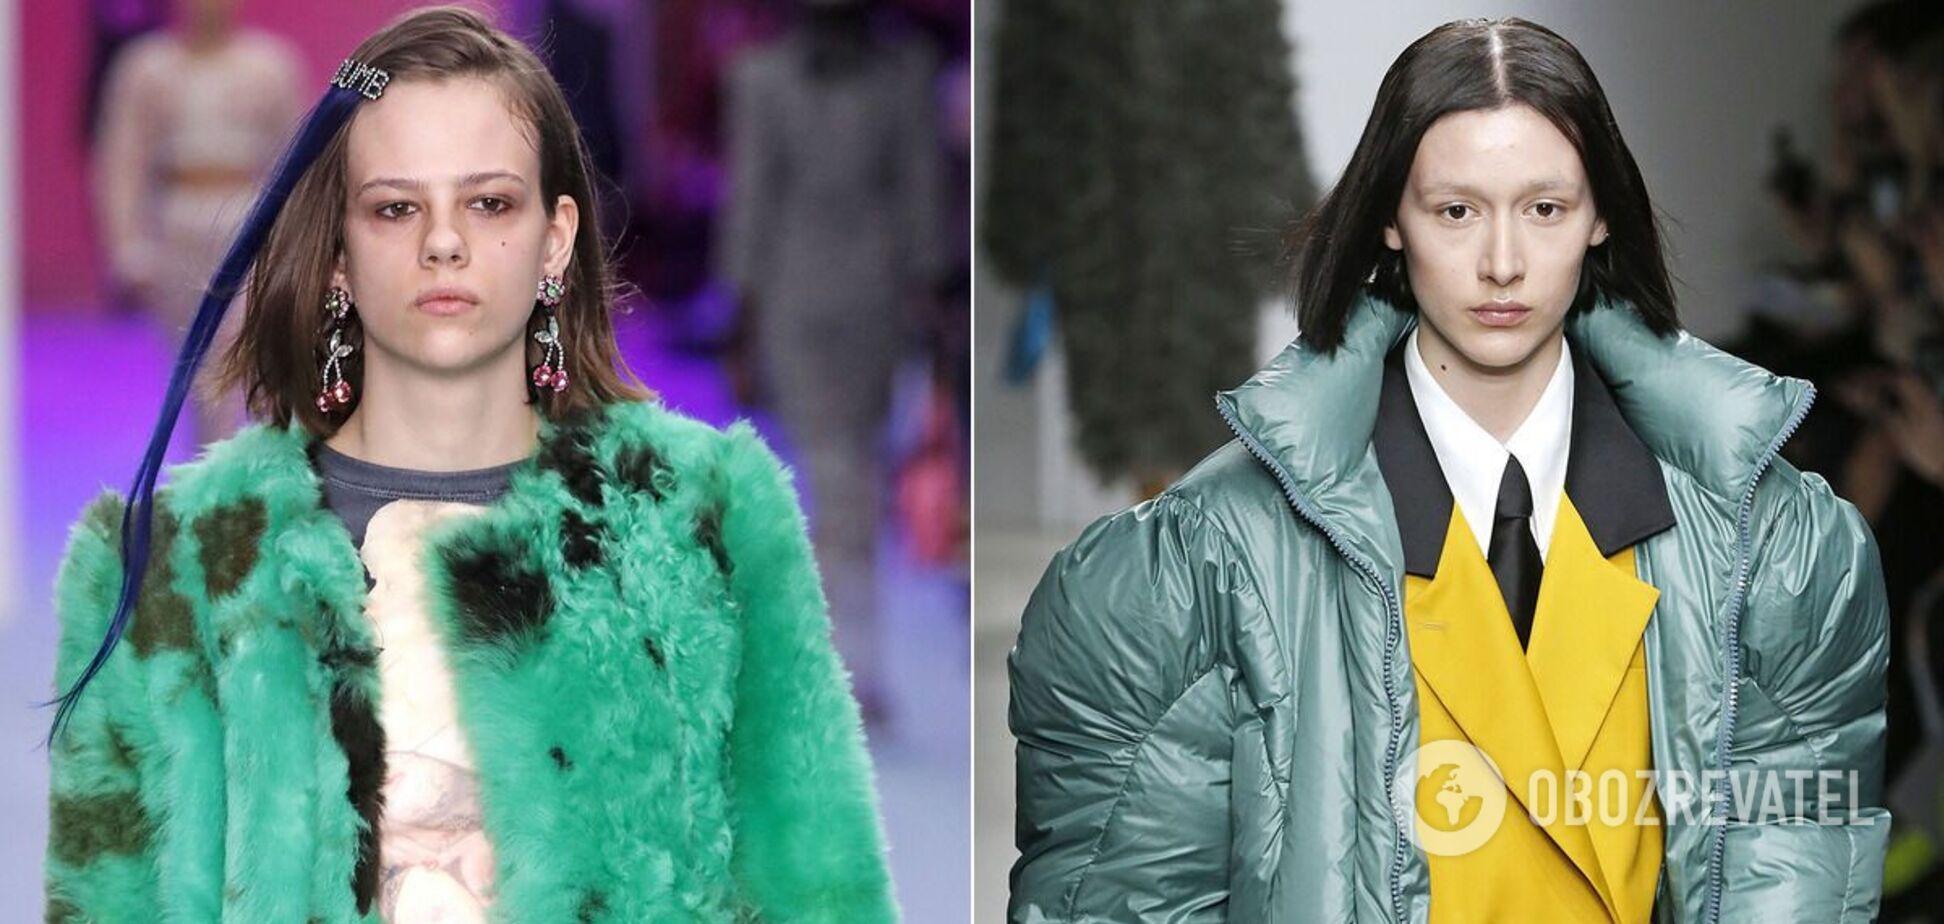 Названа самая модная верхняя одежда в сезоне зима 2020/2021